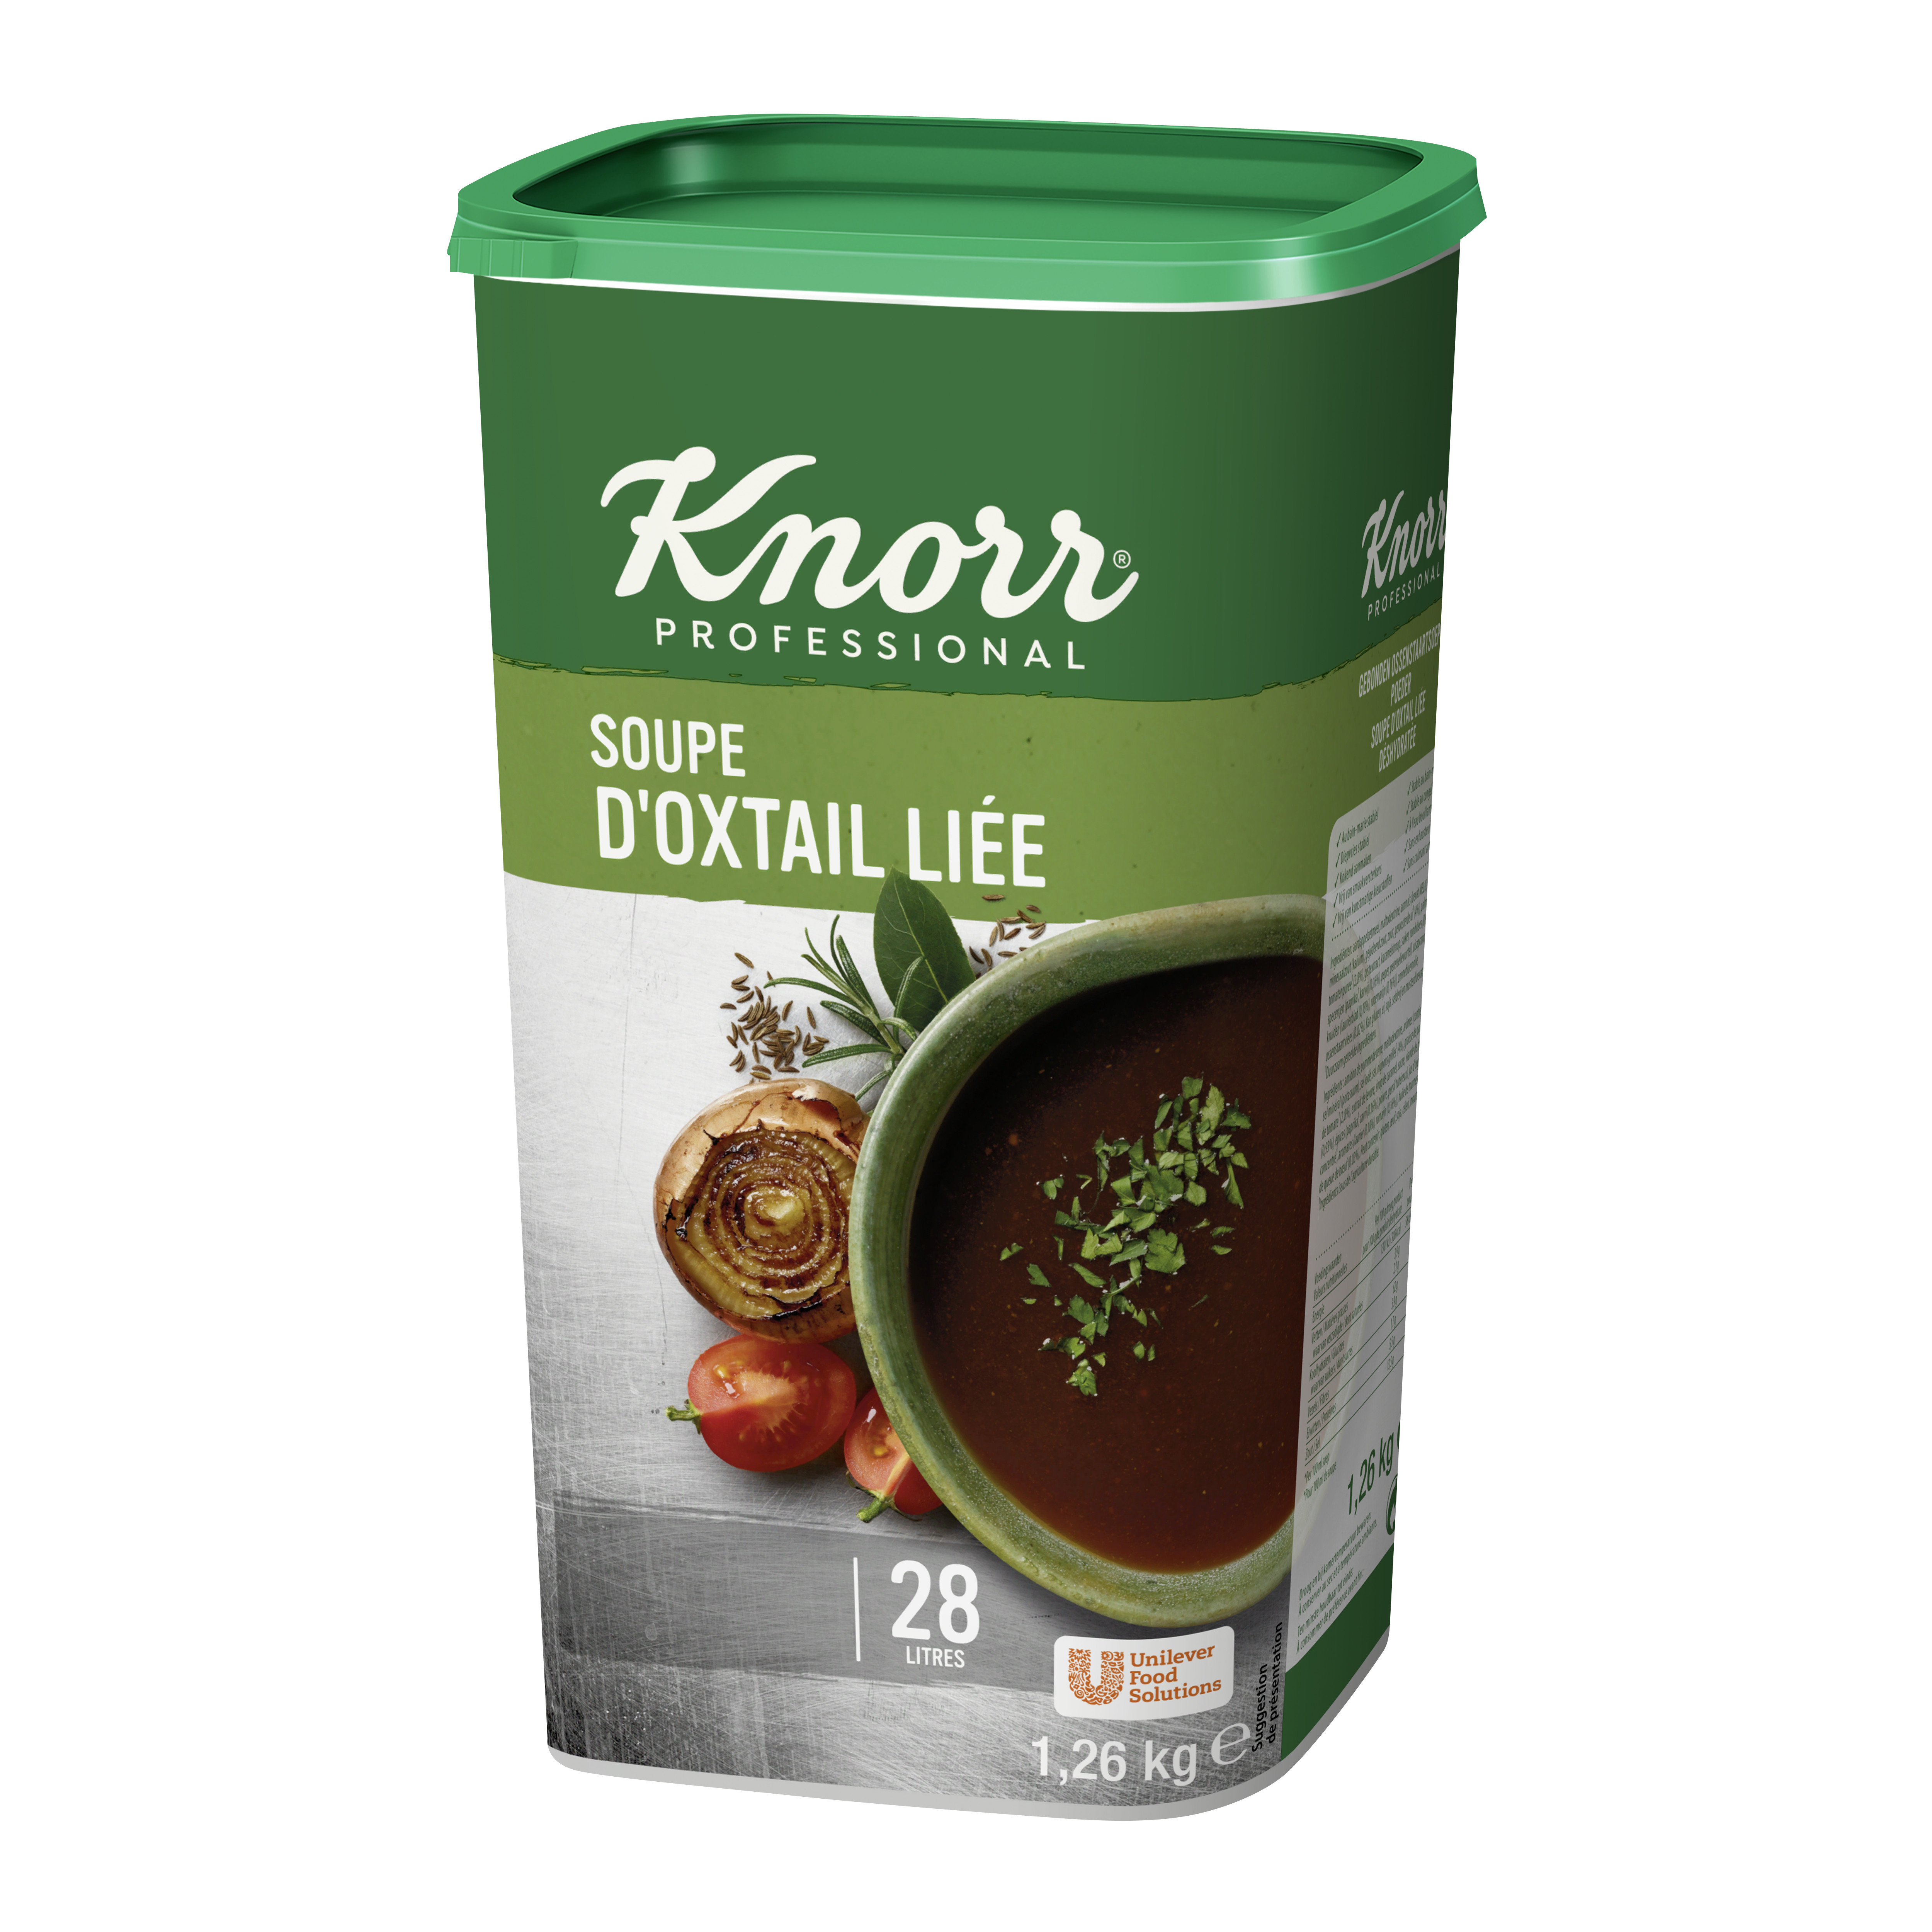 Knorr soupe d' oxtail lié1.26kg Professional